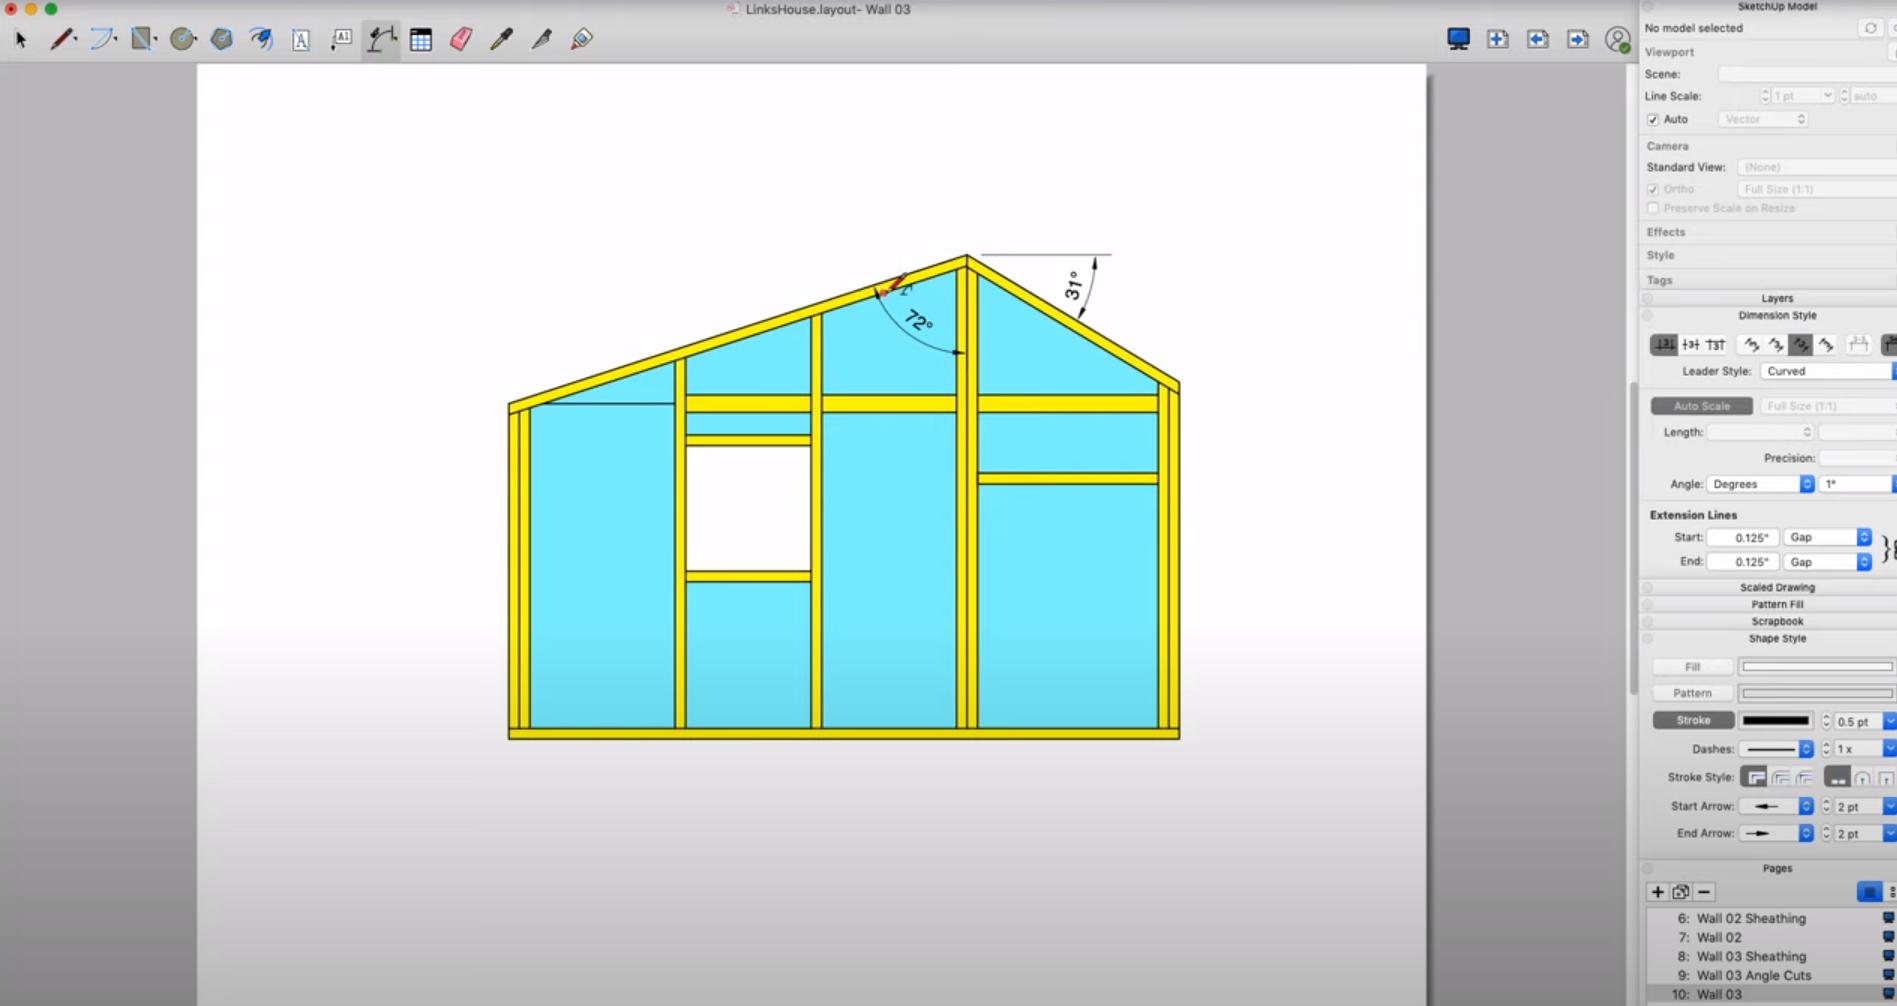 SketchUp Software - SketchUp layout tool